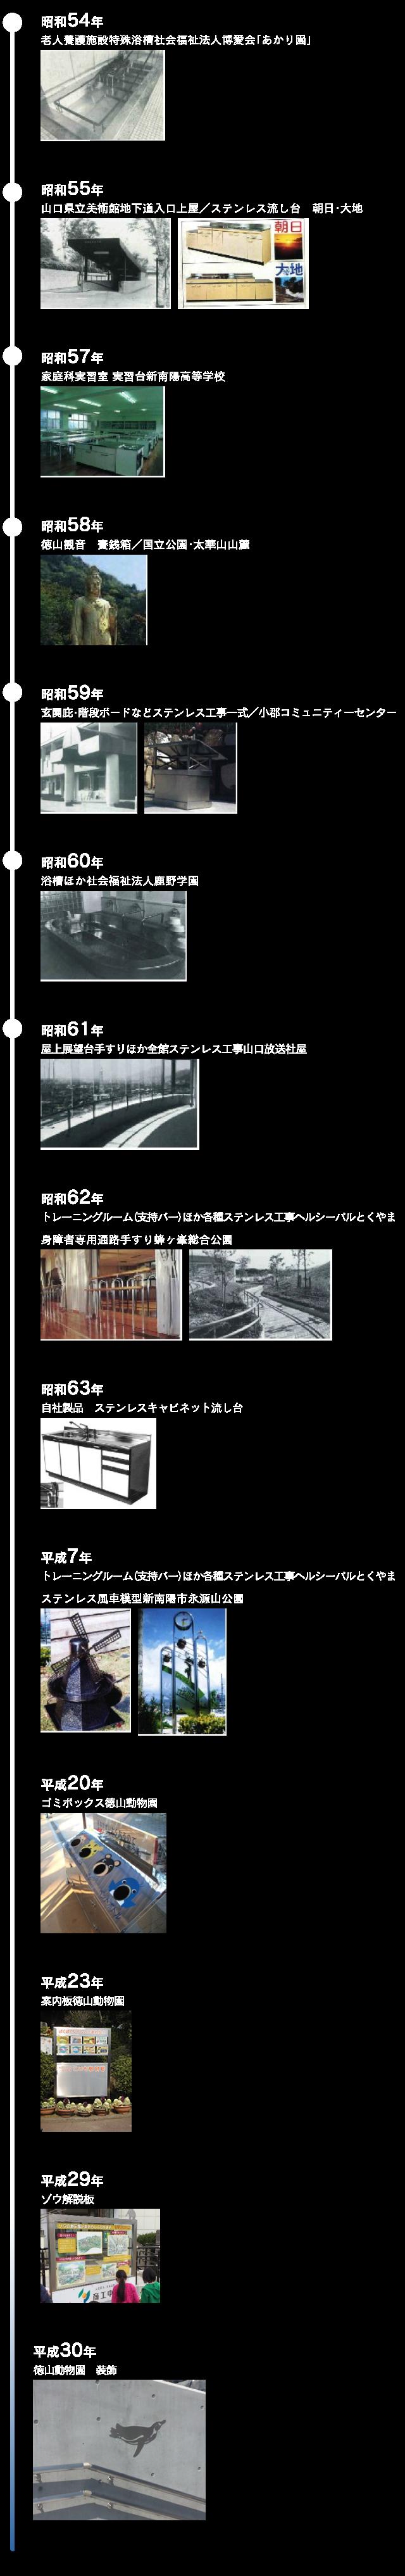 製品の歴史